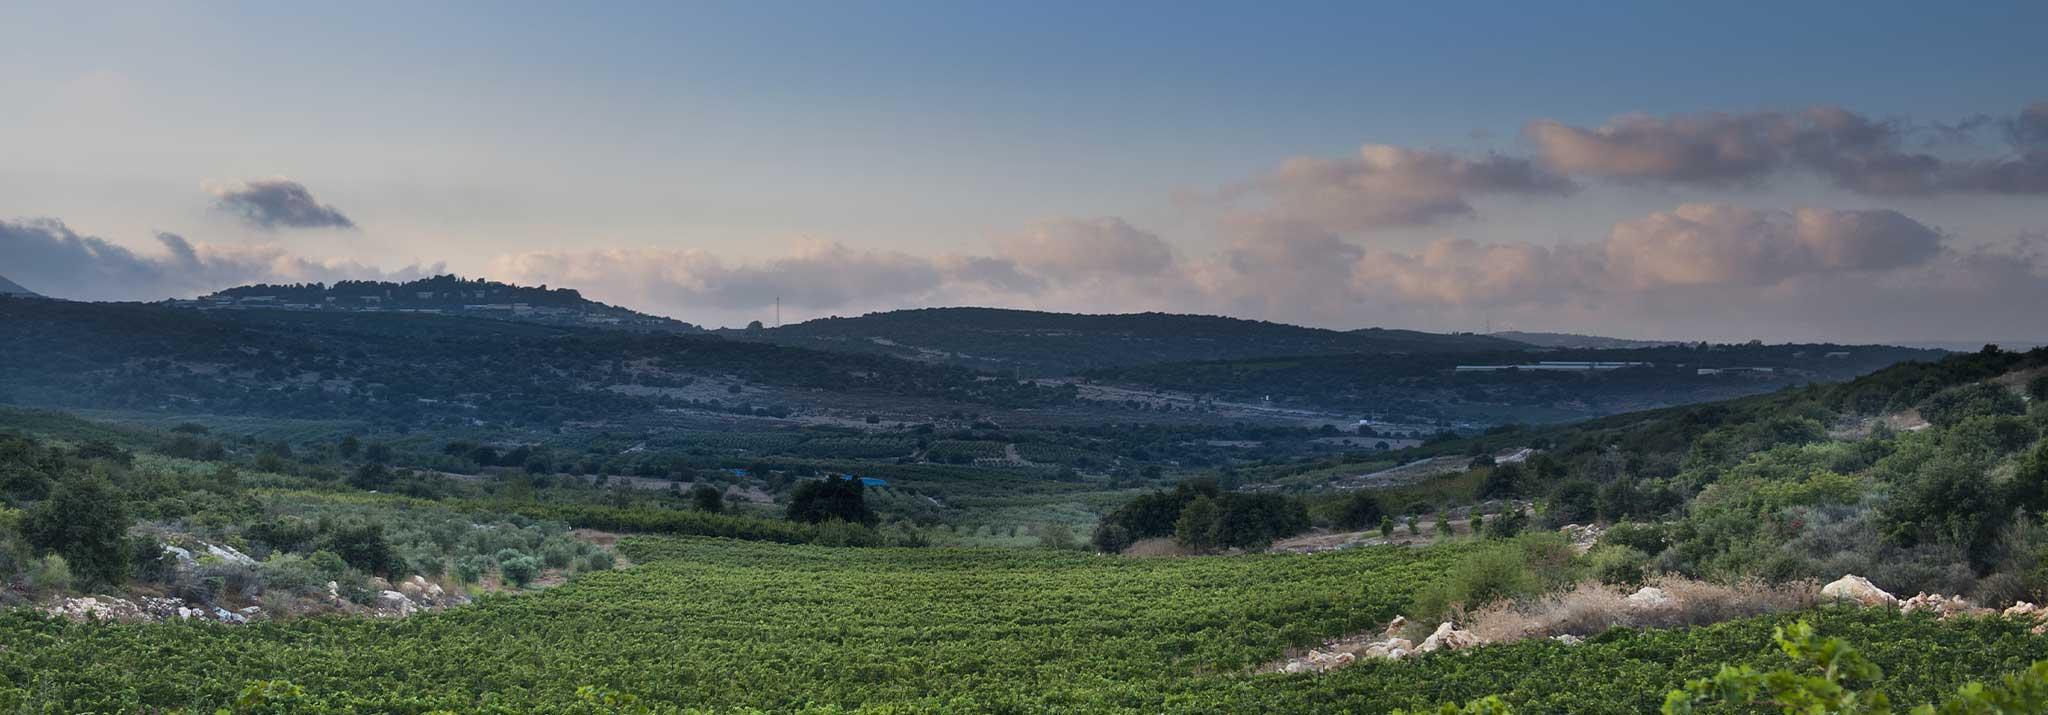 pelter-wines-upper-galilee-vineyard-israel-red-cabernet